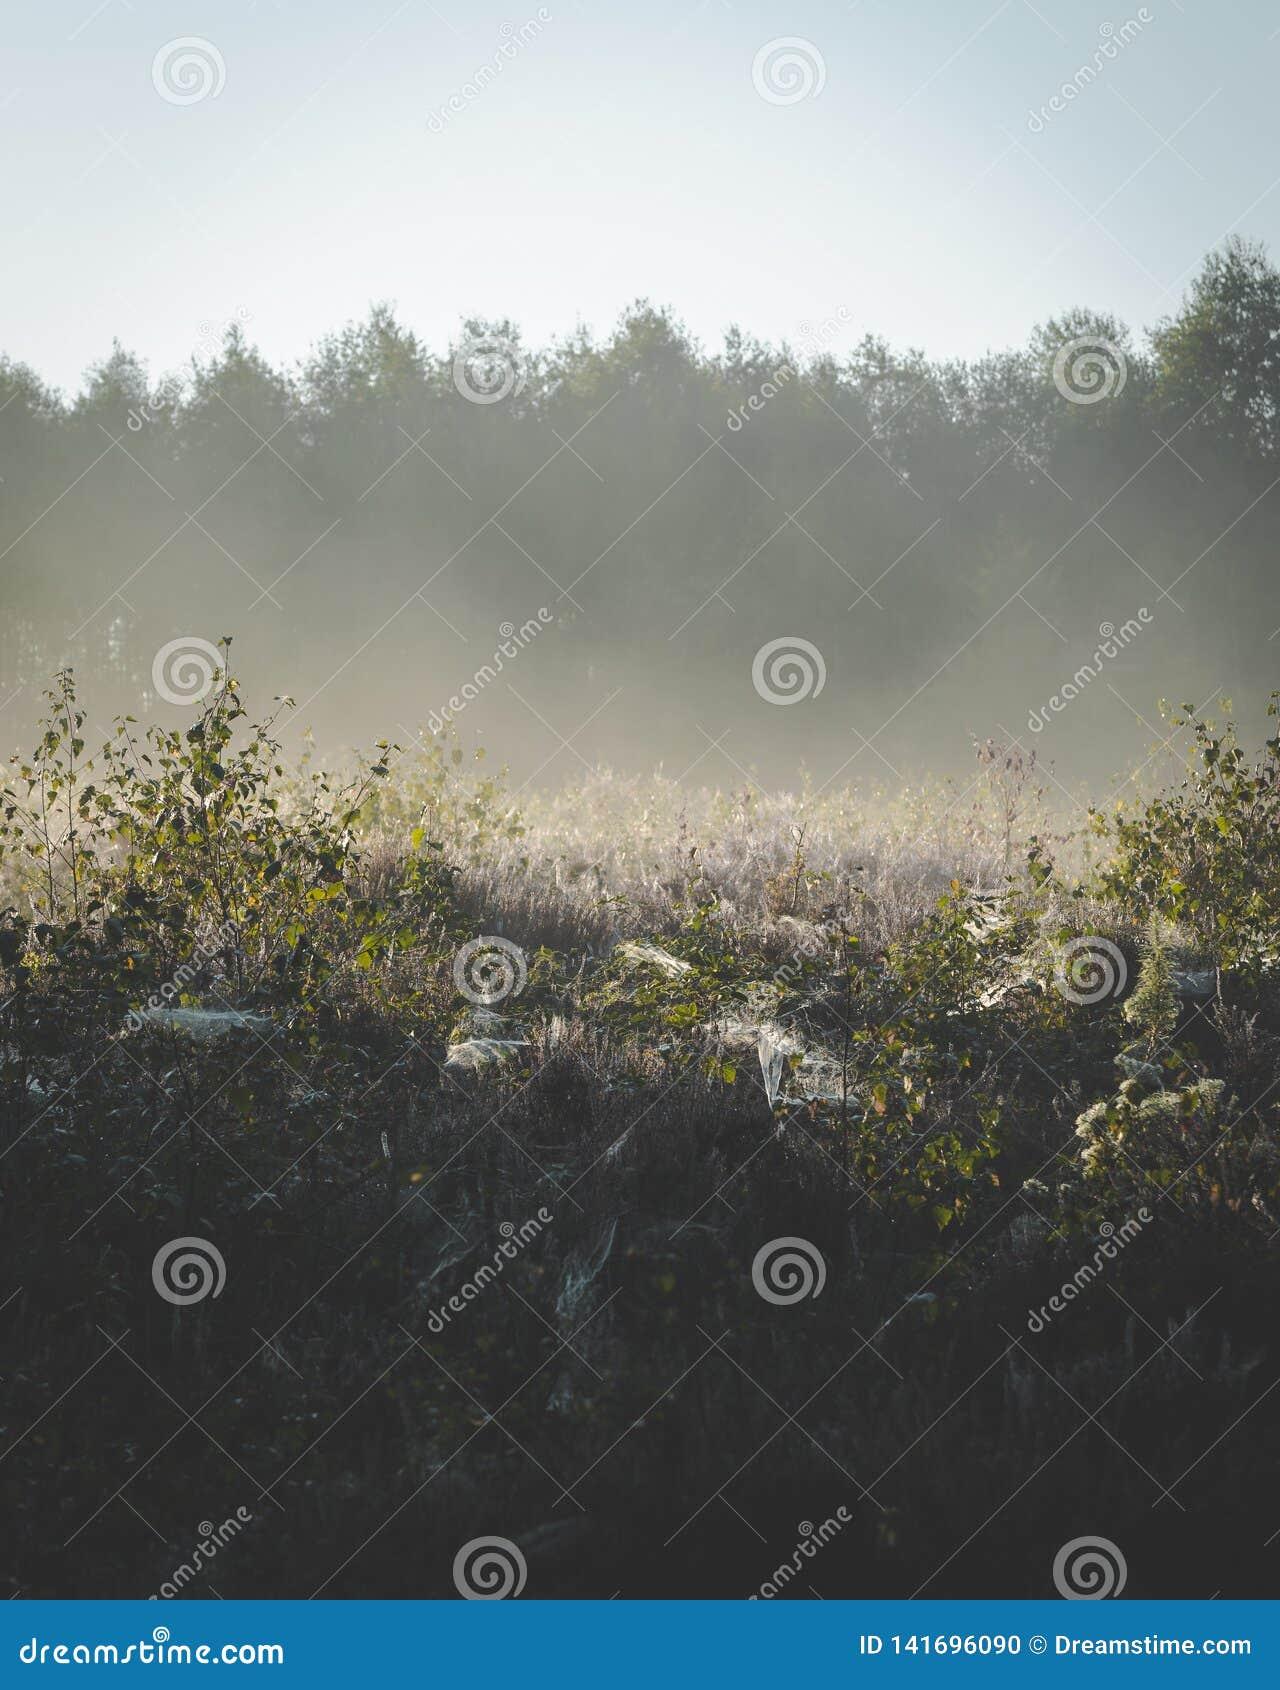 Fördunkla stigning upp från växter på jordningen i ottasolsken